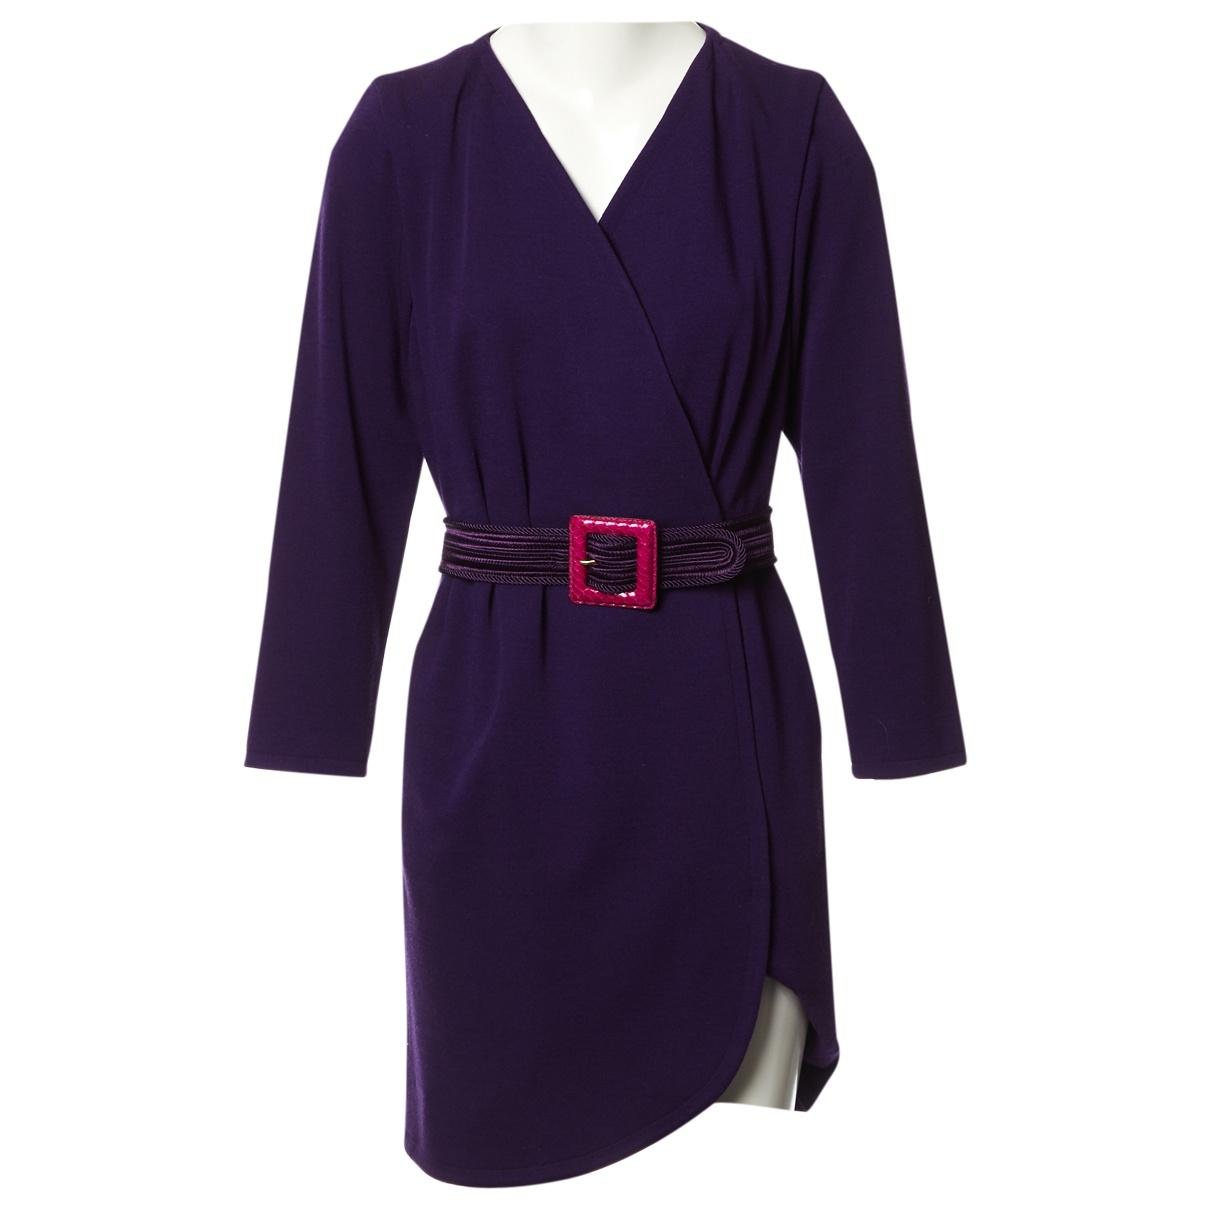 Yves Saint Laurent \N Kleid in  Lila Wolle